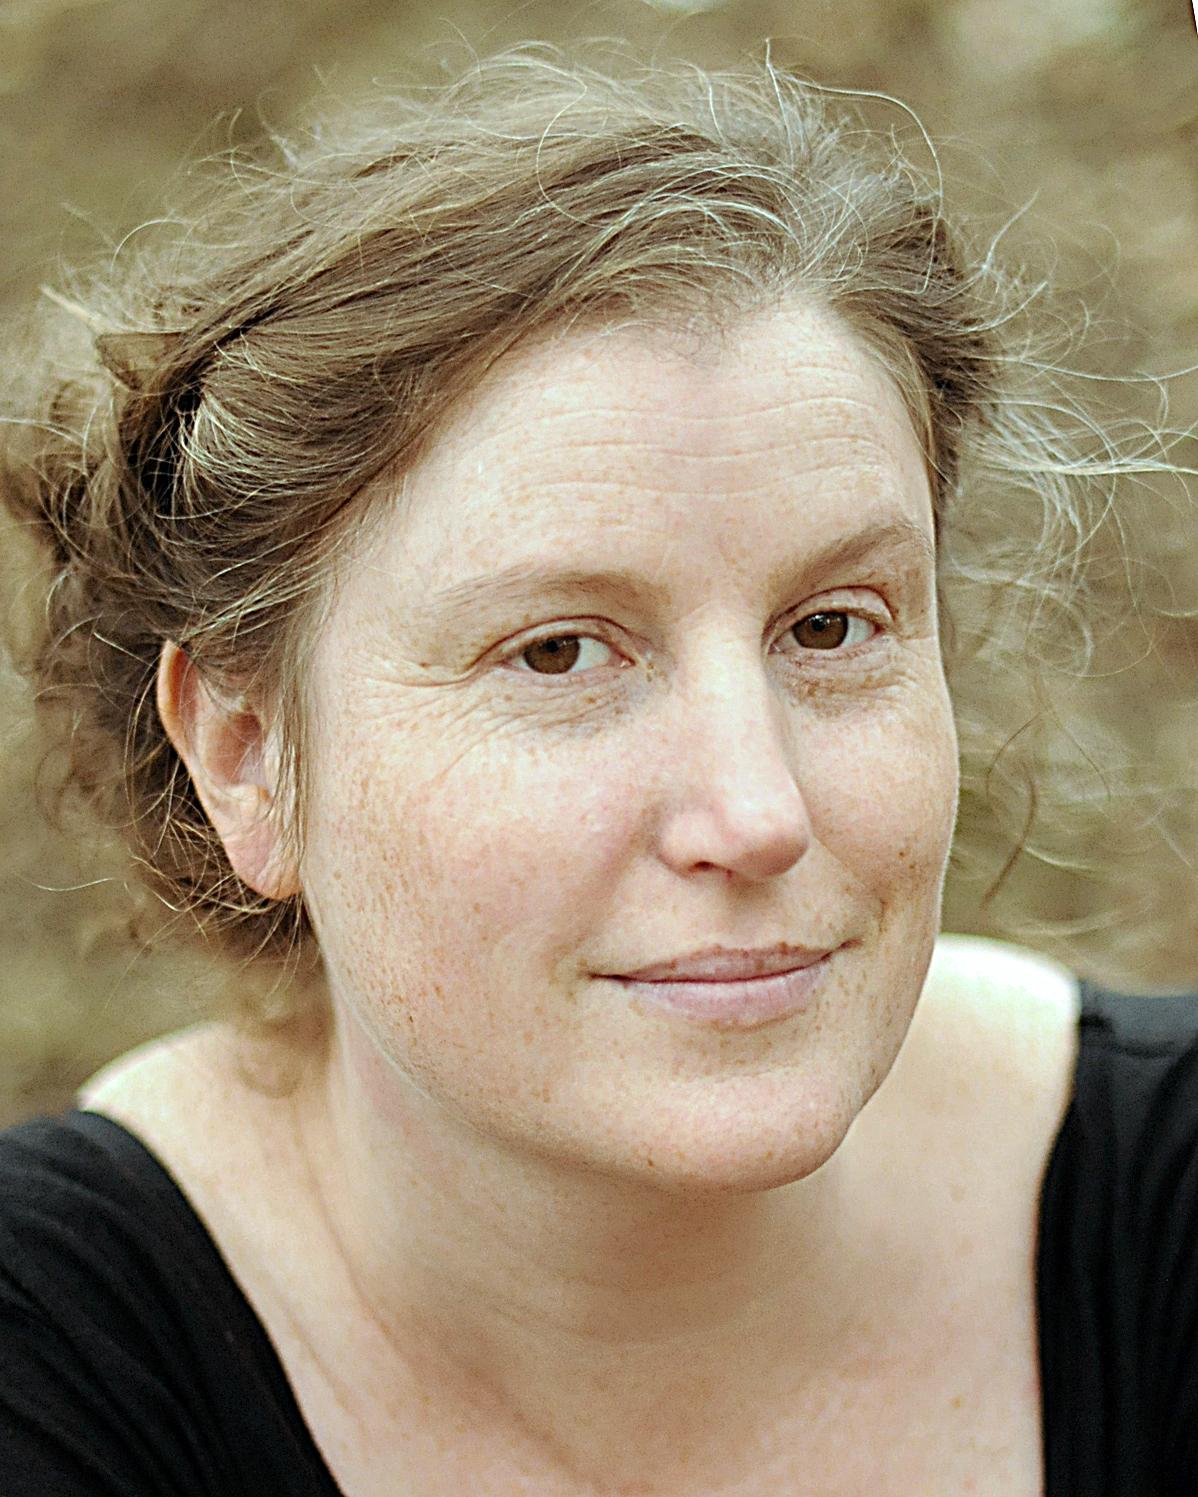 Christie Nieman